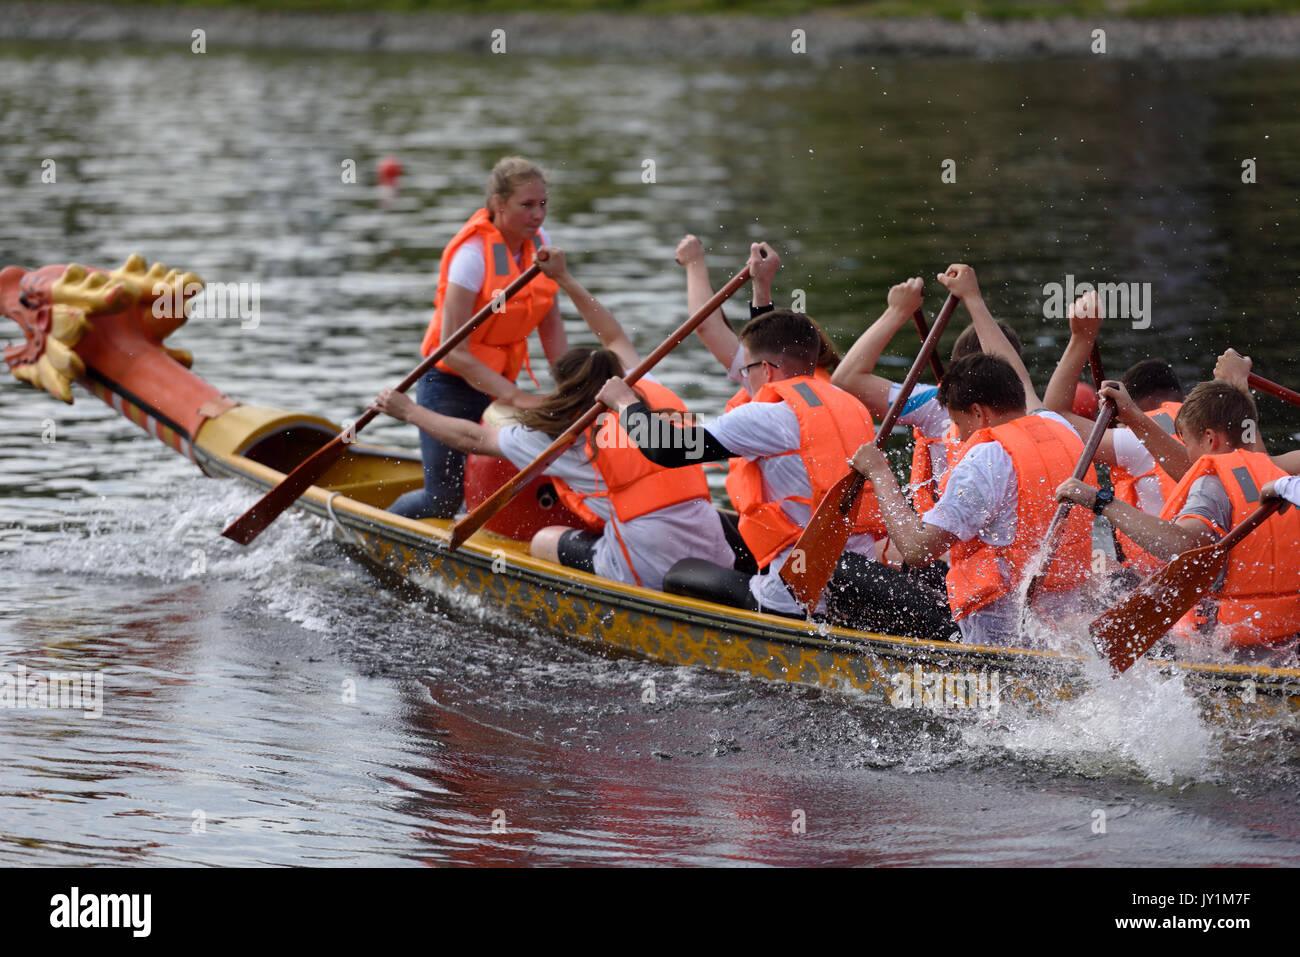 San Pietroburgo, Russia - Giugno 12, 2015: Concorsi di barche drago durante il Golden lame regata. Questo genere di competizioni rendono la gara di accessi Immagini Stock